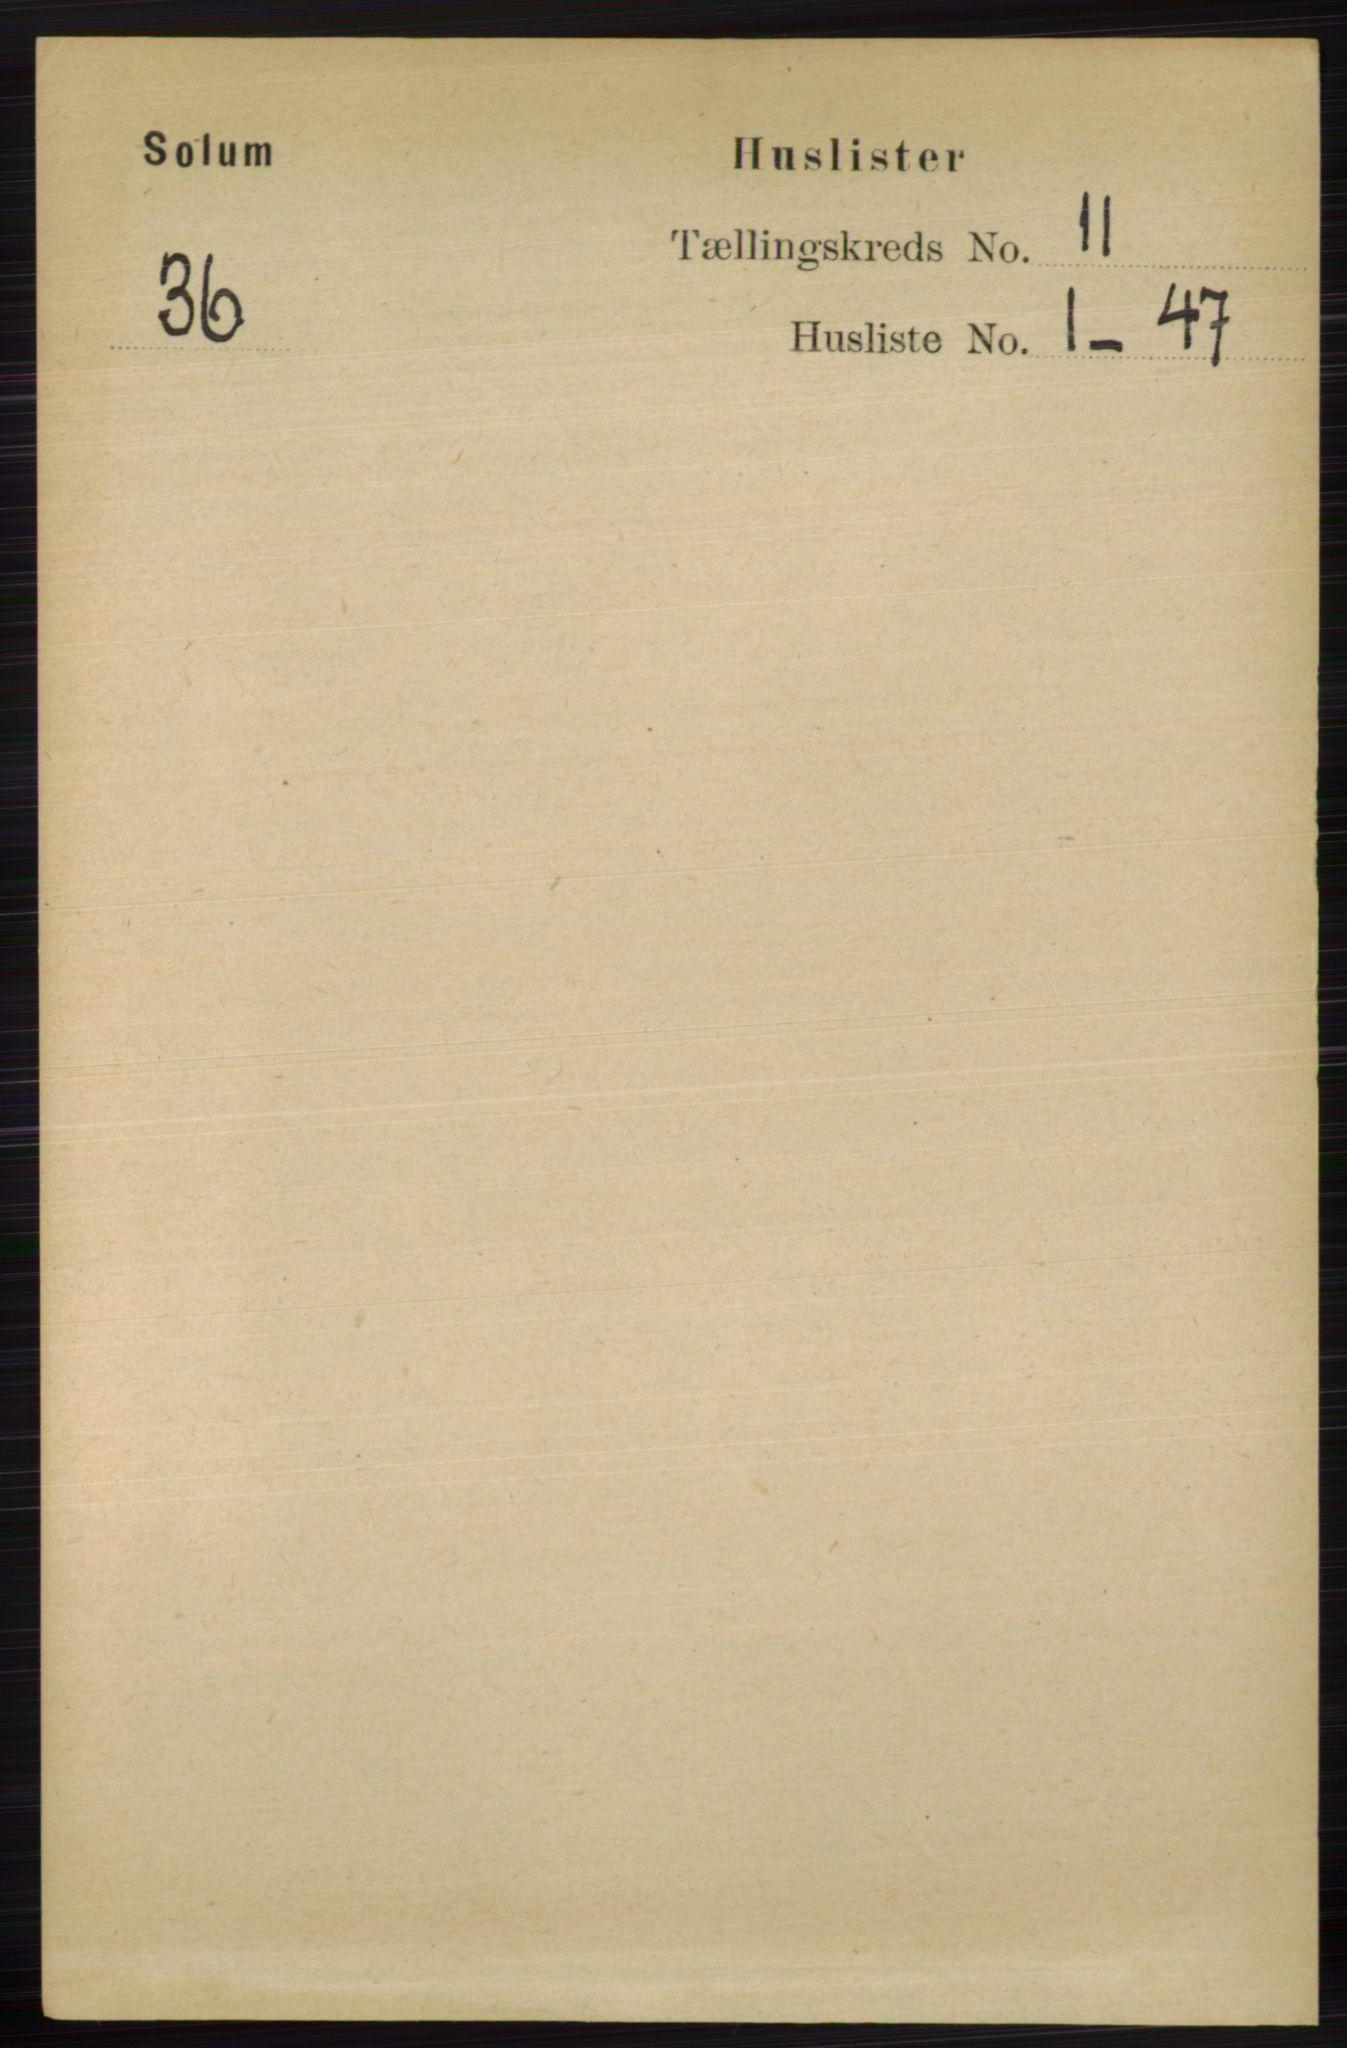 RA, Folketelling 1891 for 0818 Solum herred, 1891, s. 5236